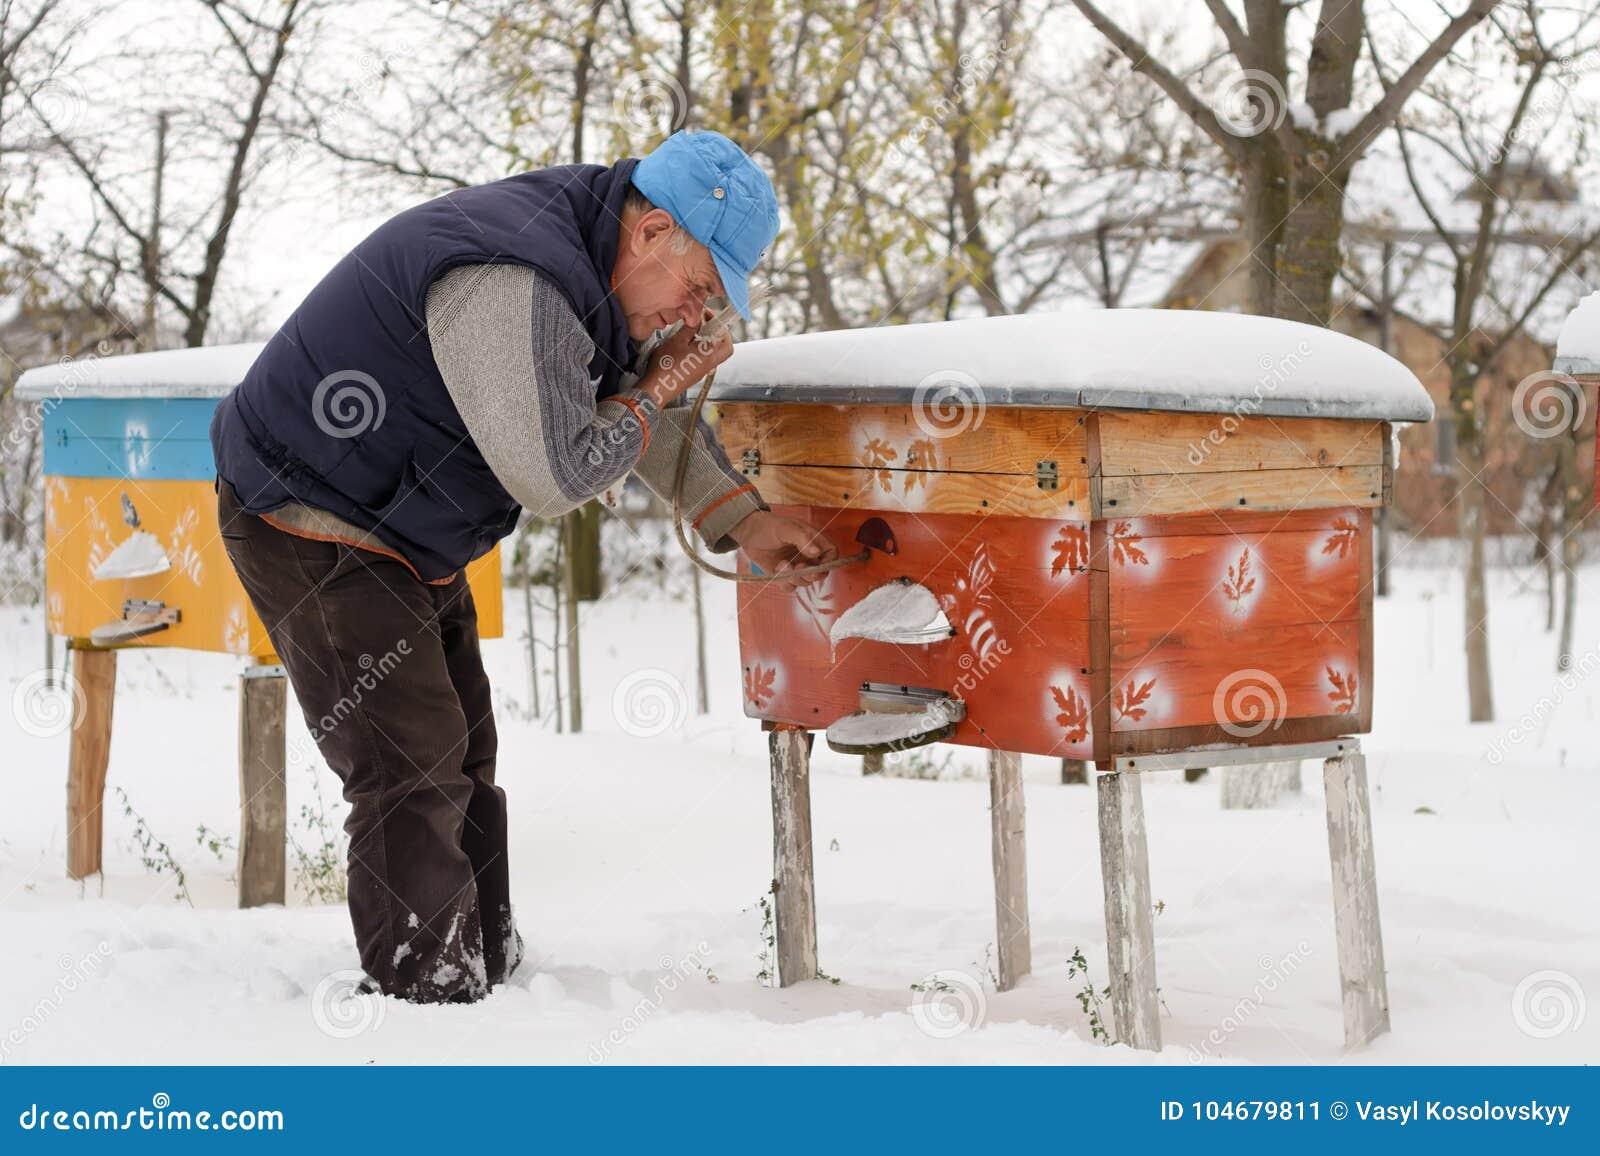 Hiver sur le rucher L hiver d apiculteur surveille le statut des abeilles dans la ruche Abeilles d hiver dans les ruches dans la